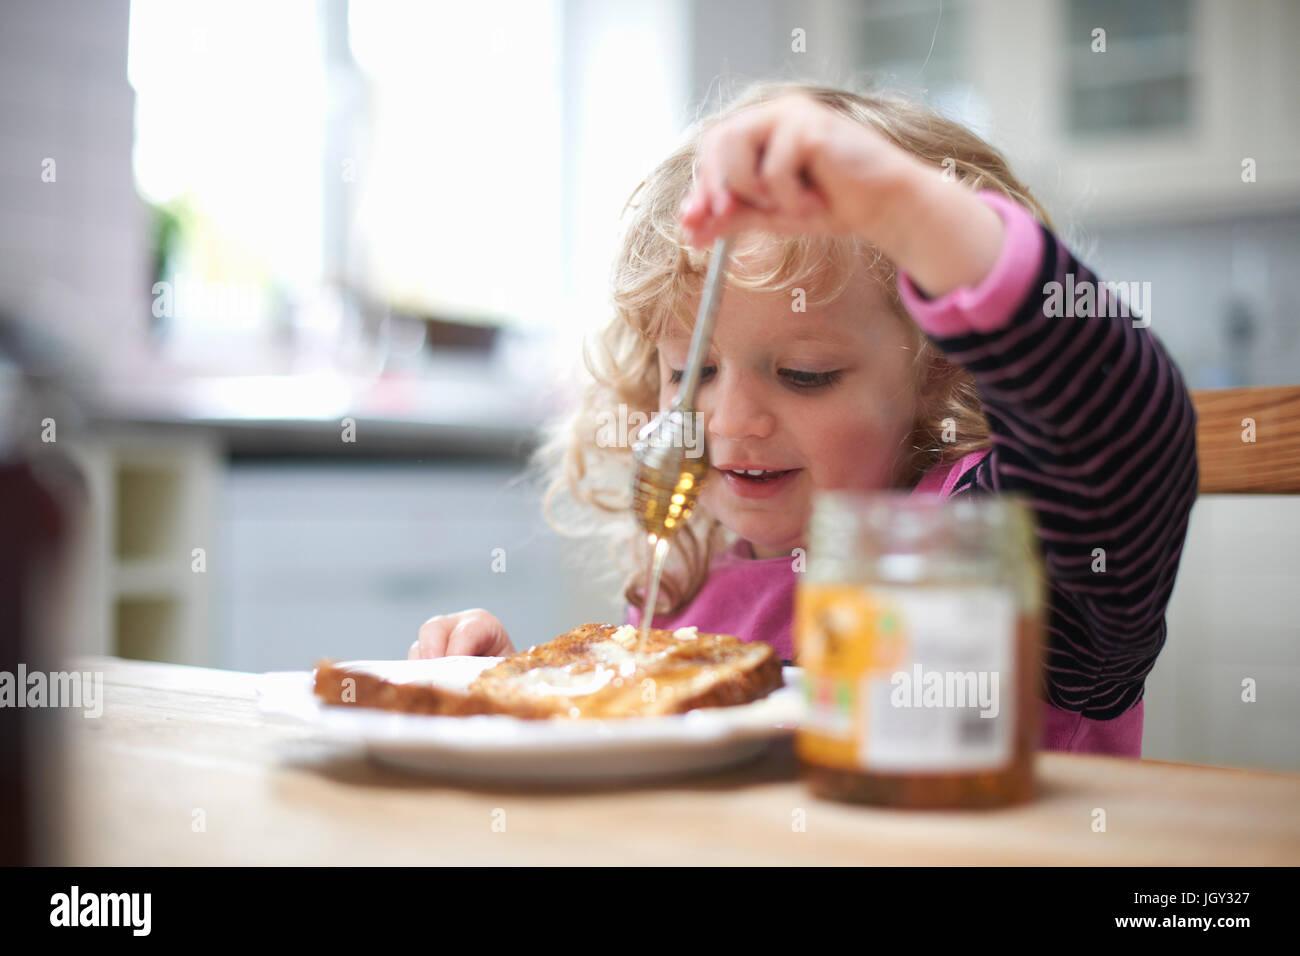 Giovane ragazza seduta al tavolo della cucina, drizzling miele su pane tostato Foto Stock